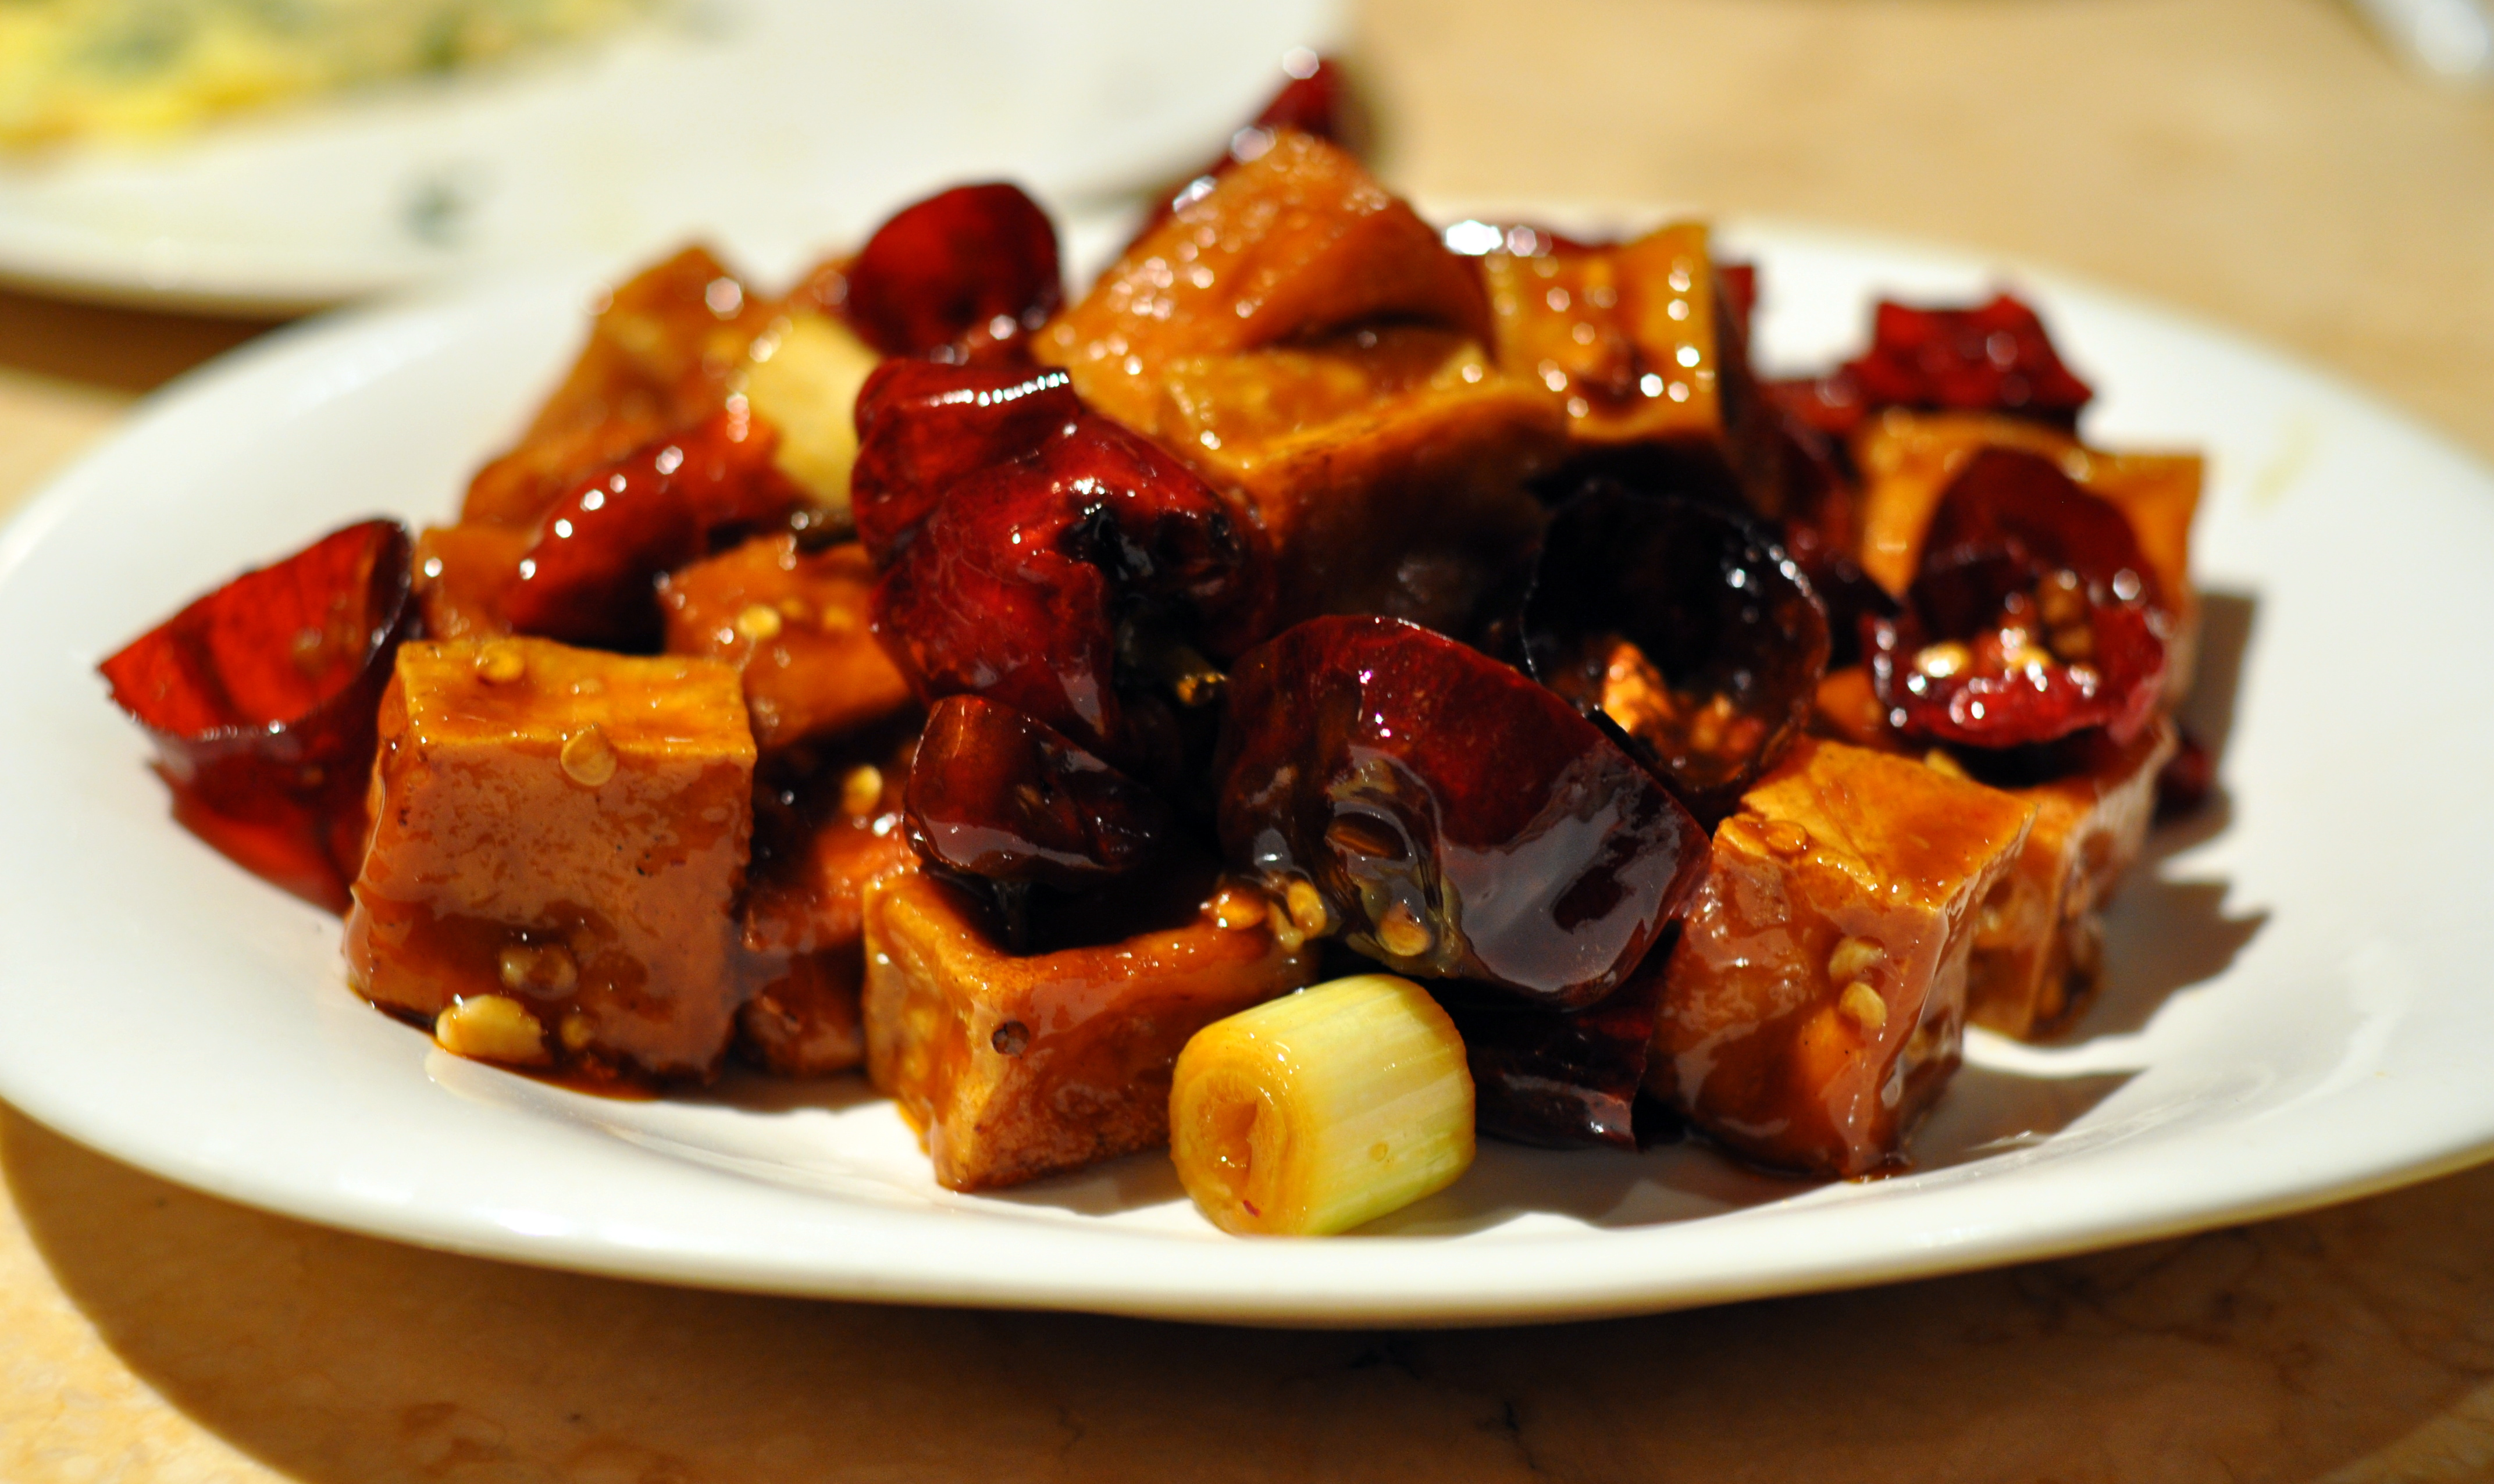 ... 20140220 kung pao tofu recipe kung pao tofu fried tofu red bell pepper